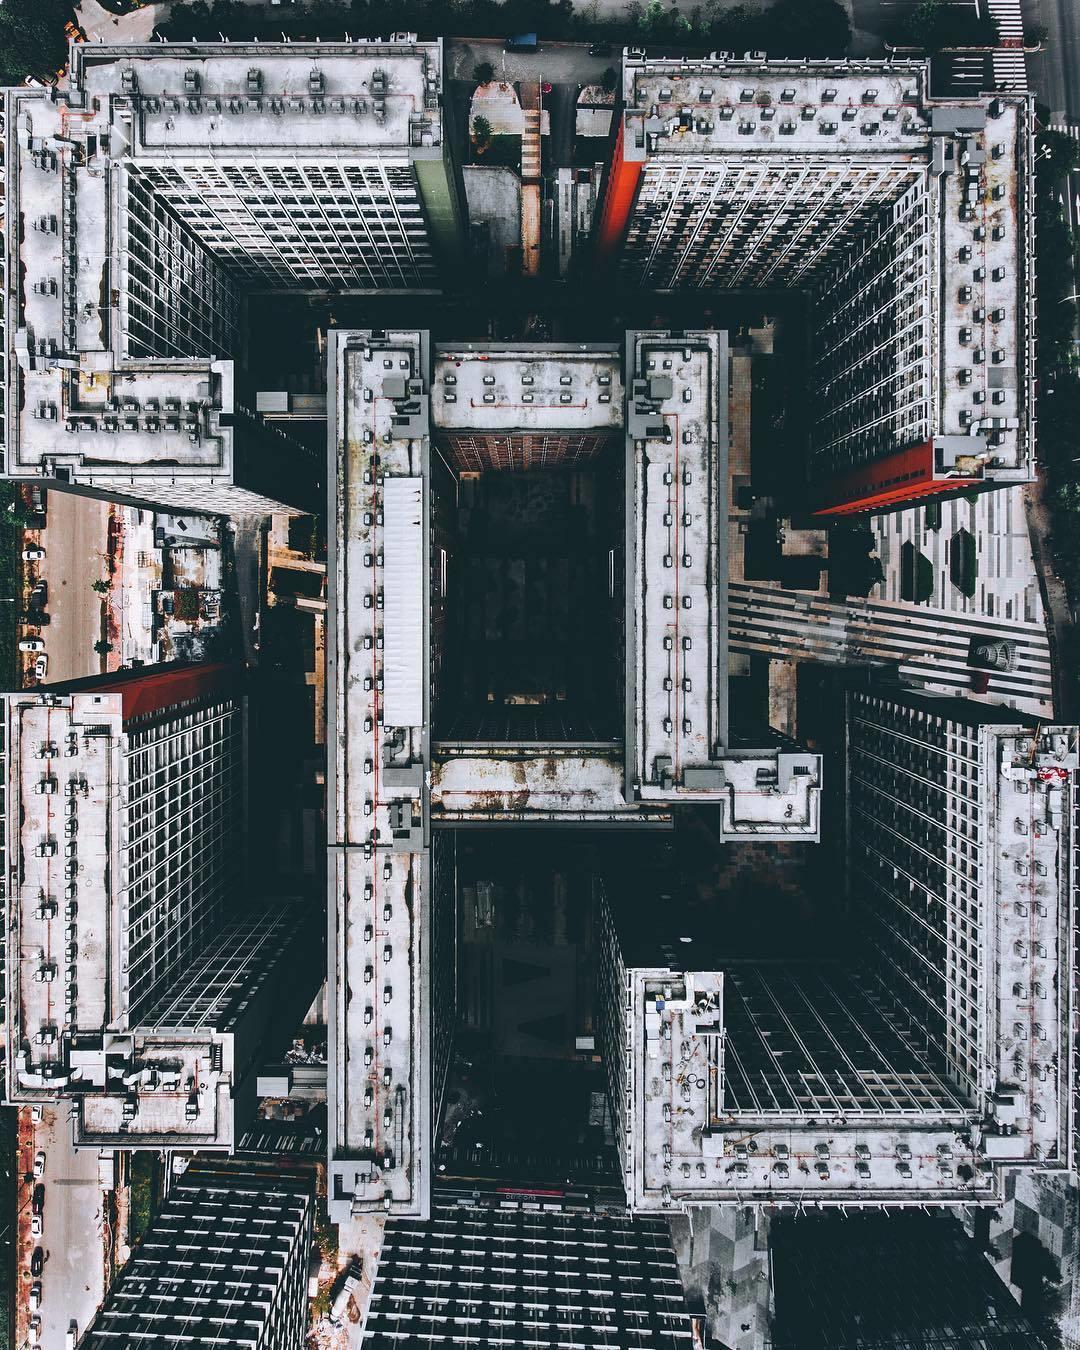 fotografias-aereas-de-ciudades19